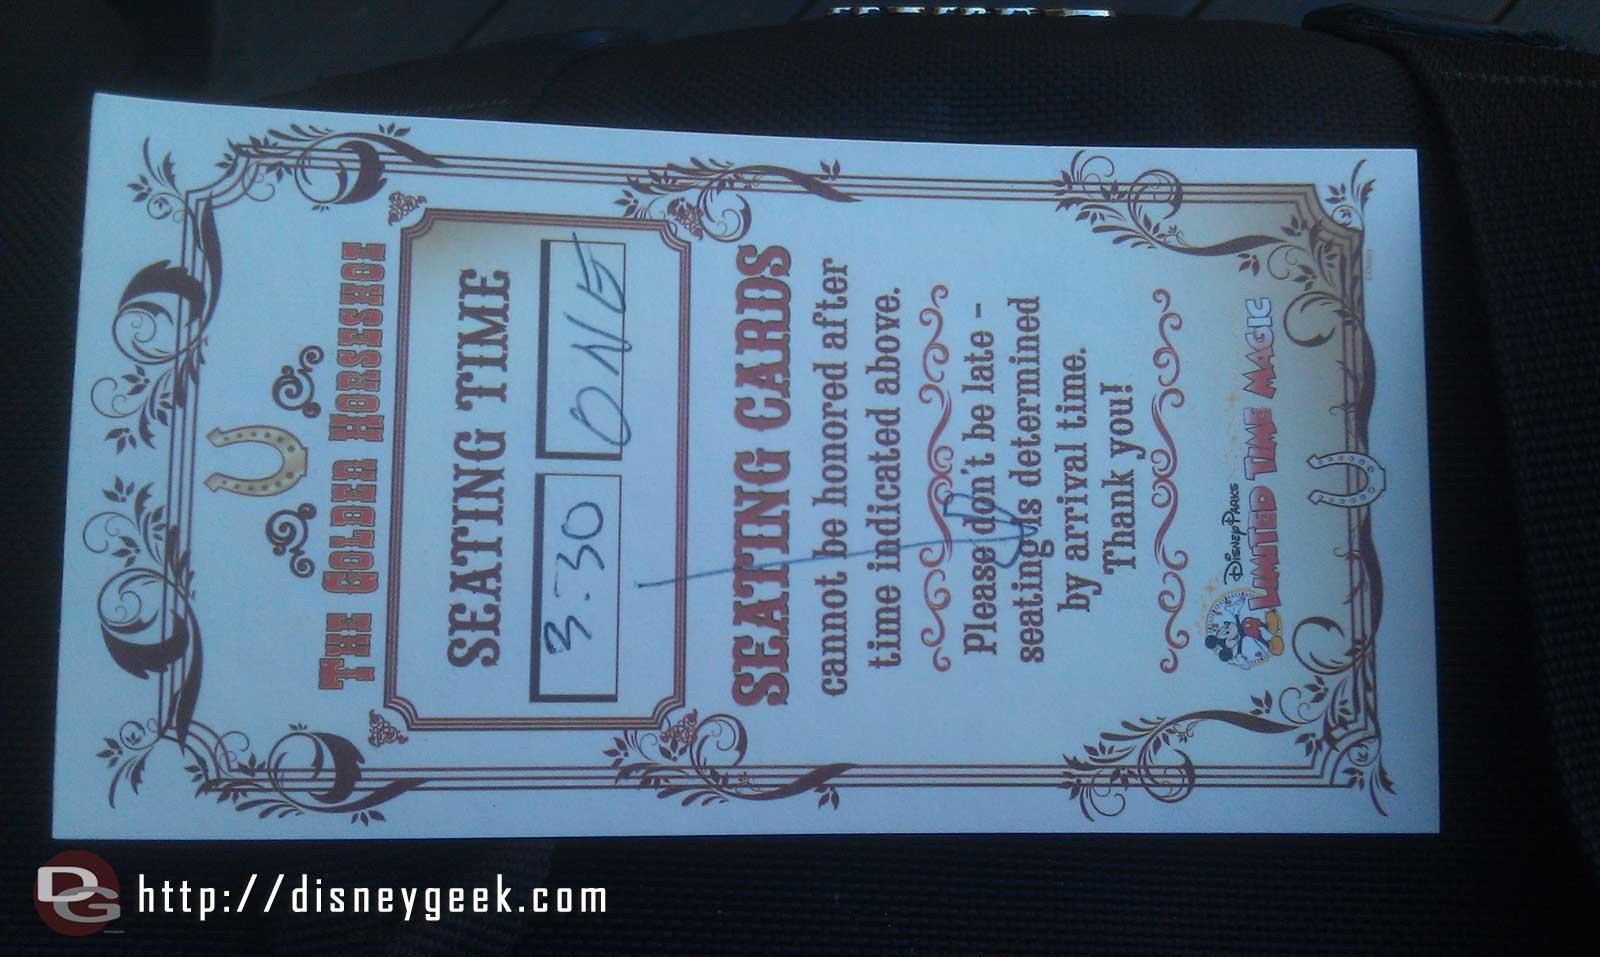 Golden Horseshoe Revue ticket